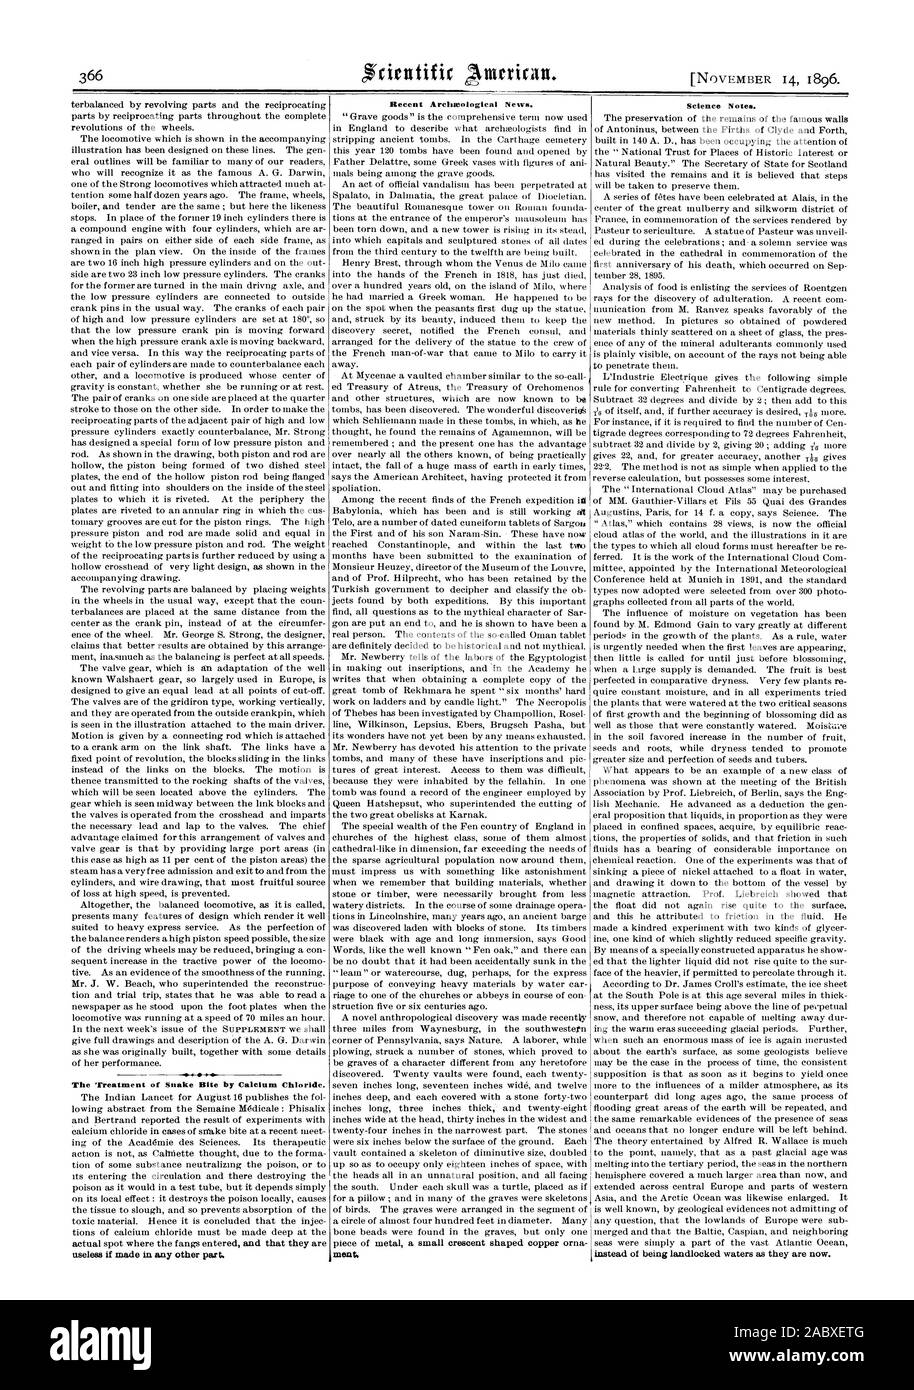 """""""El tratamiento de la mordedura de serpiente por el cloruro de calcio. es inútil si se realizan en cualquier otra parte. Noticias arqueológicas recientes. ment Ciencia Notas. En lugar de ser aguas sin litoral como son ahora, Scientific American, 1896-11-14 Foto de stock"""